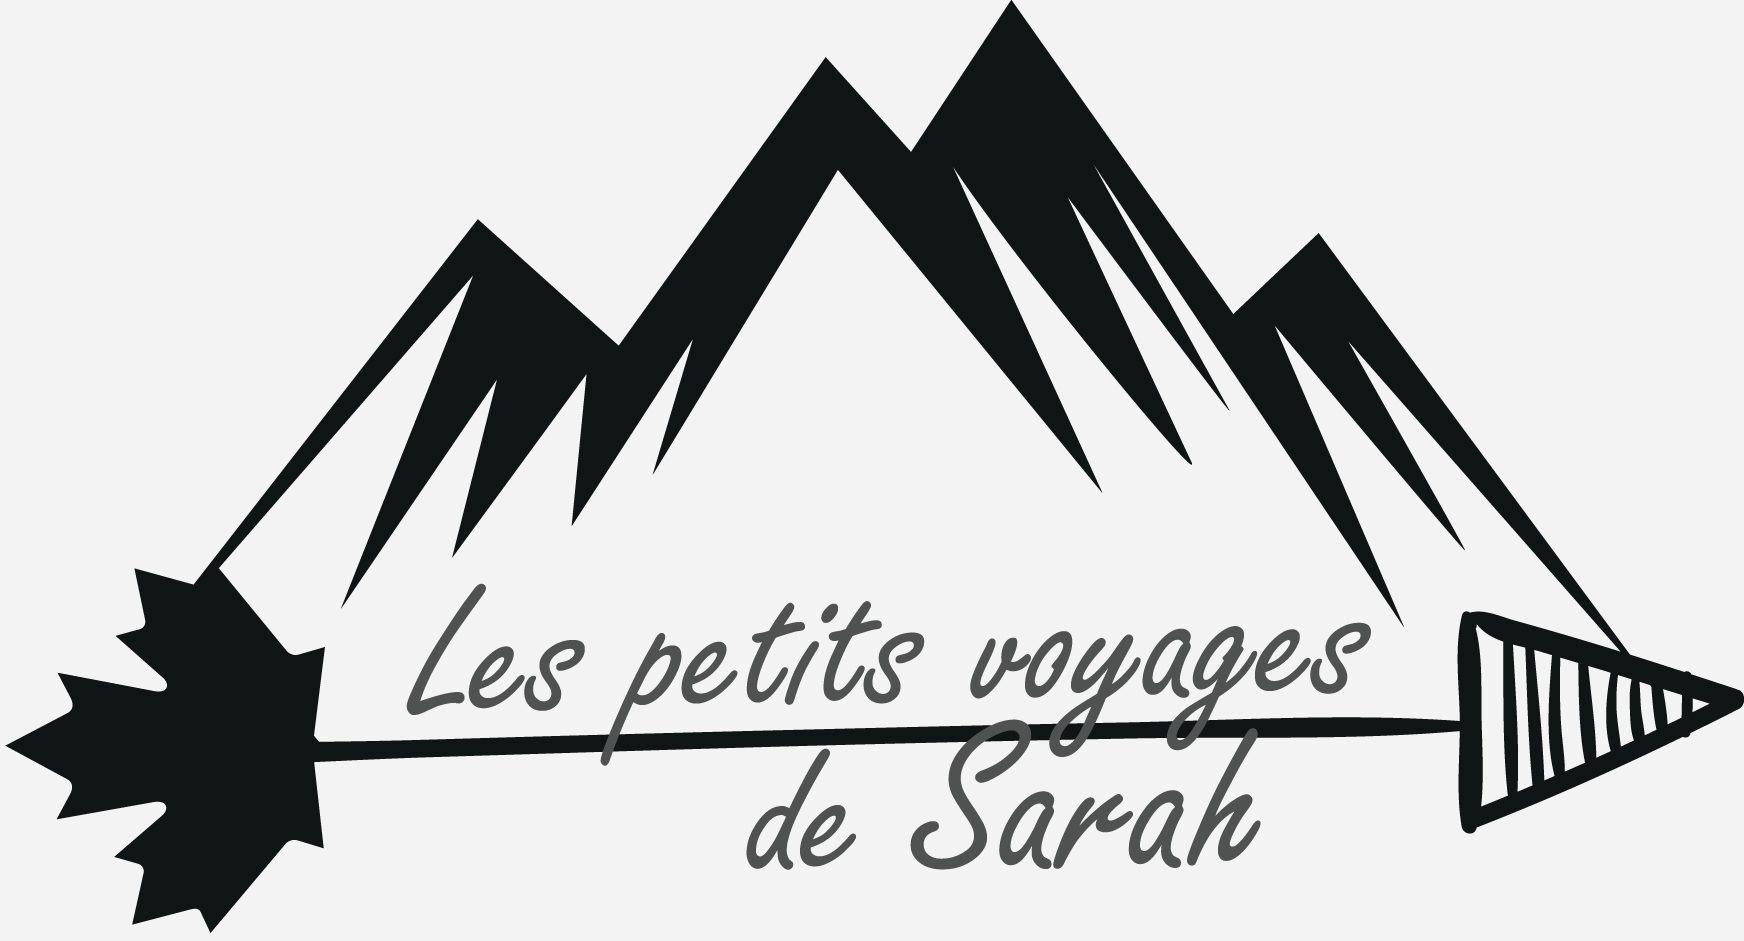 Les petits voyages de Sarah